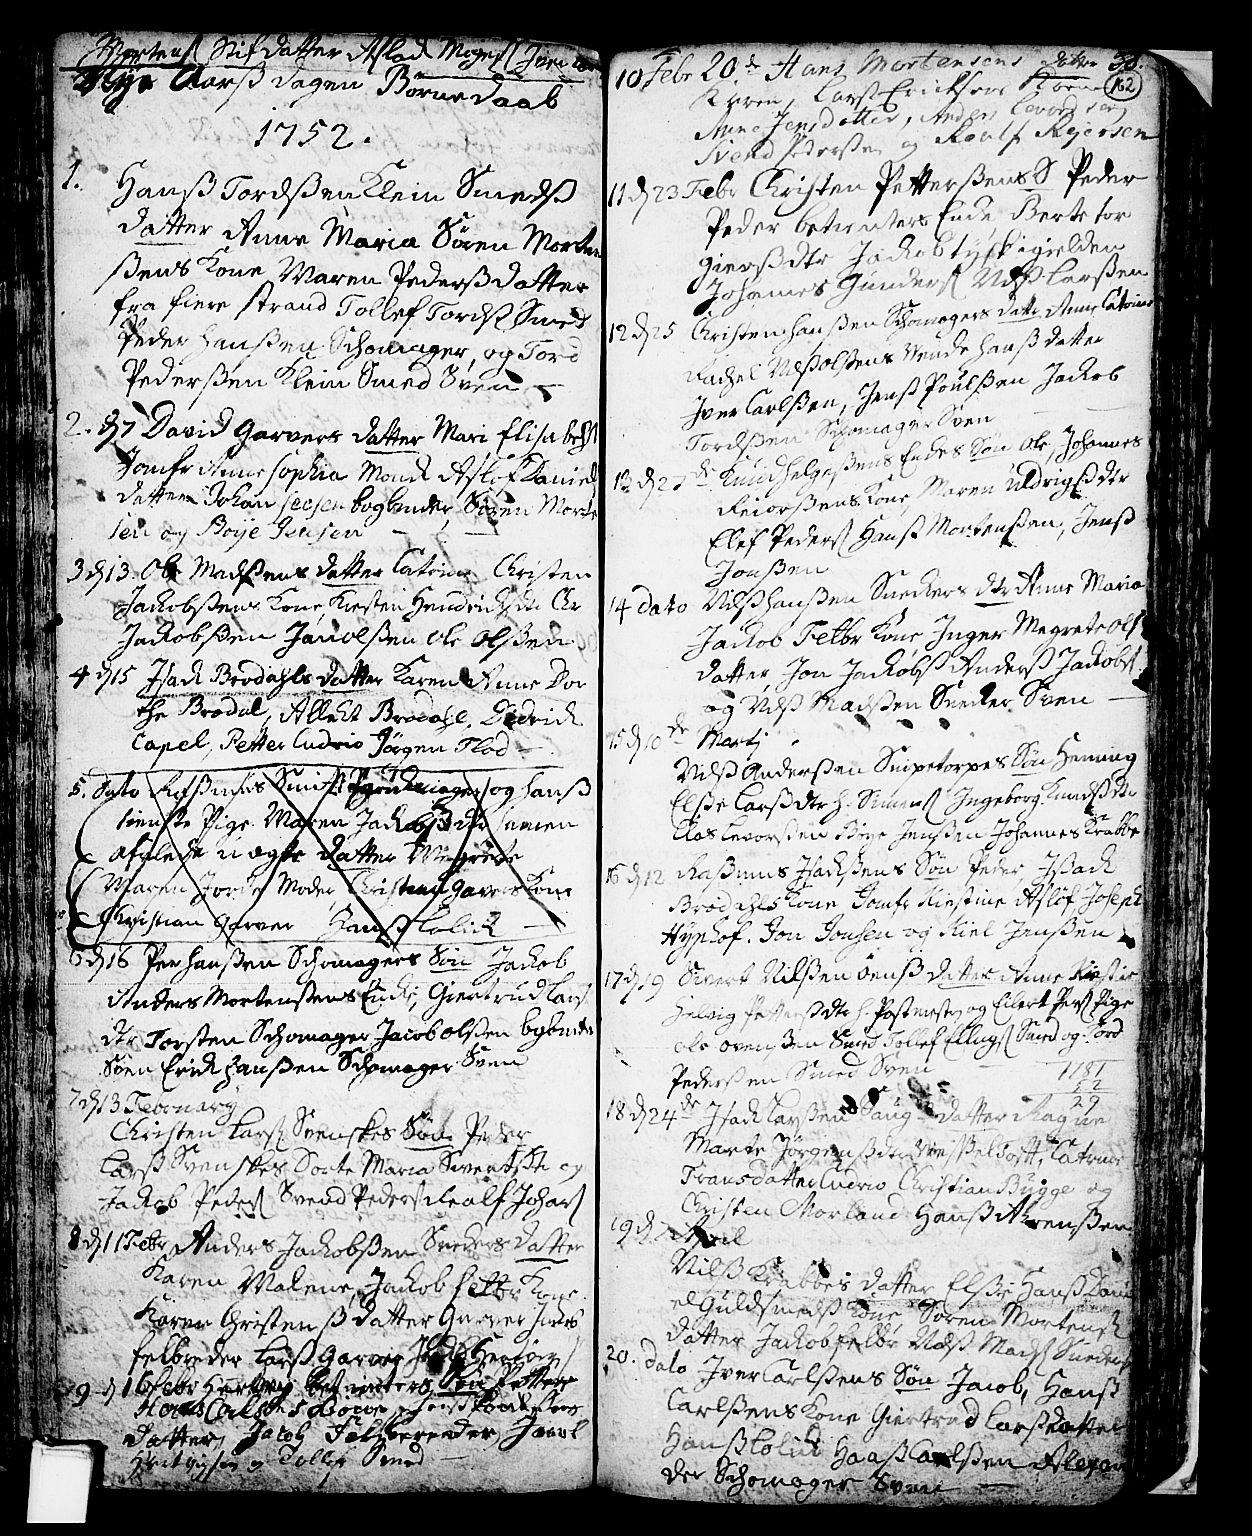 SAKO, Skien kirkebøker, F/Fa/L0002: Ministerialbok nr. 2, 1716-1757, s. 162